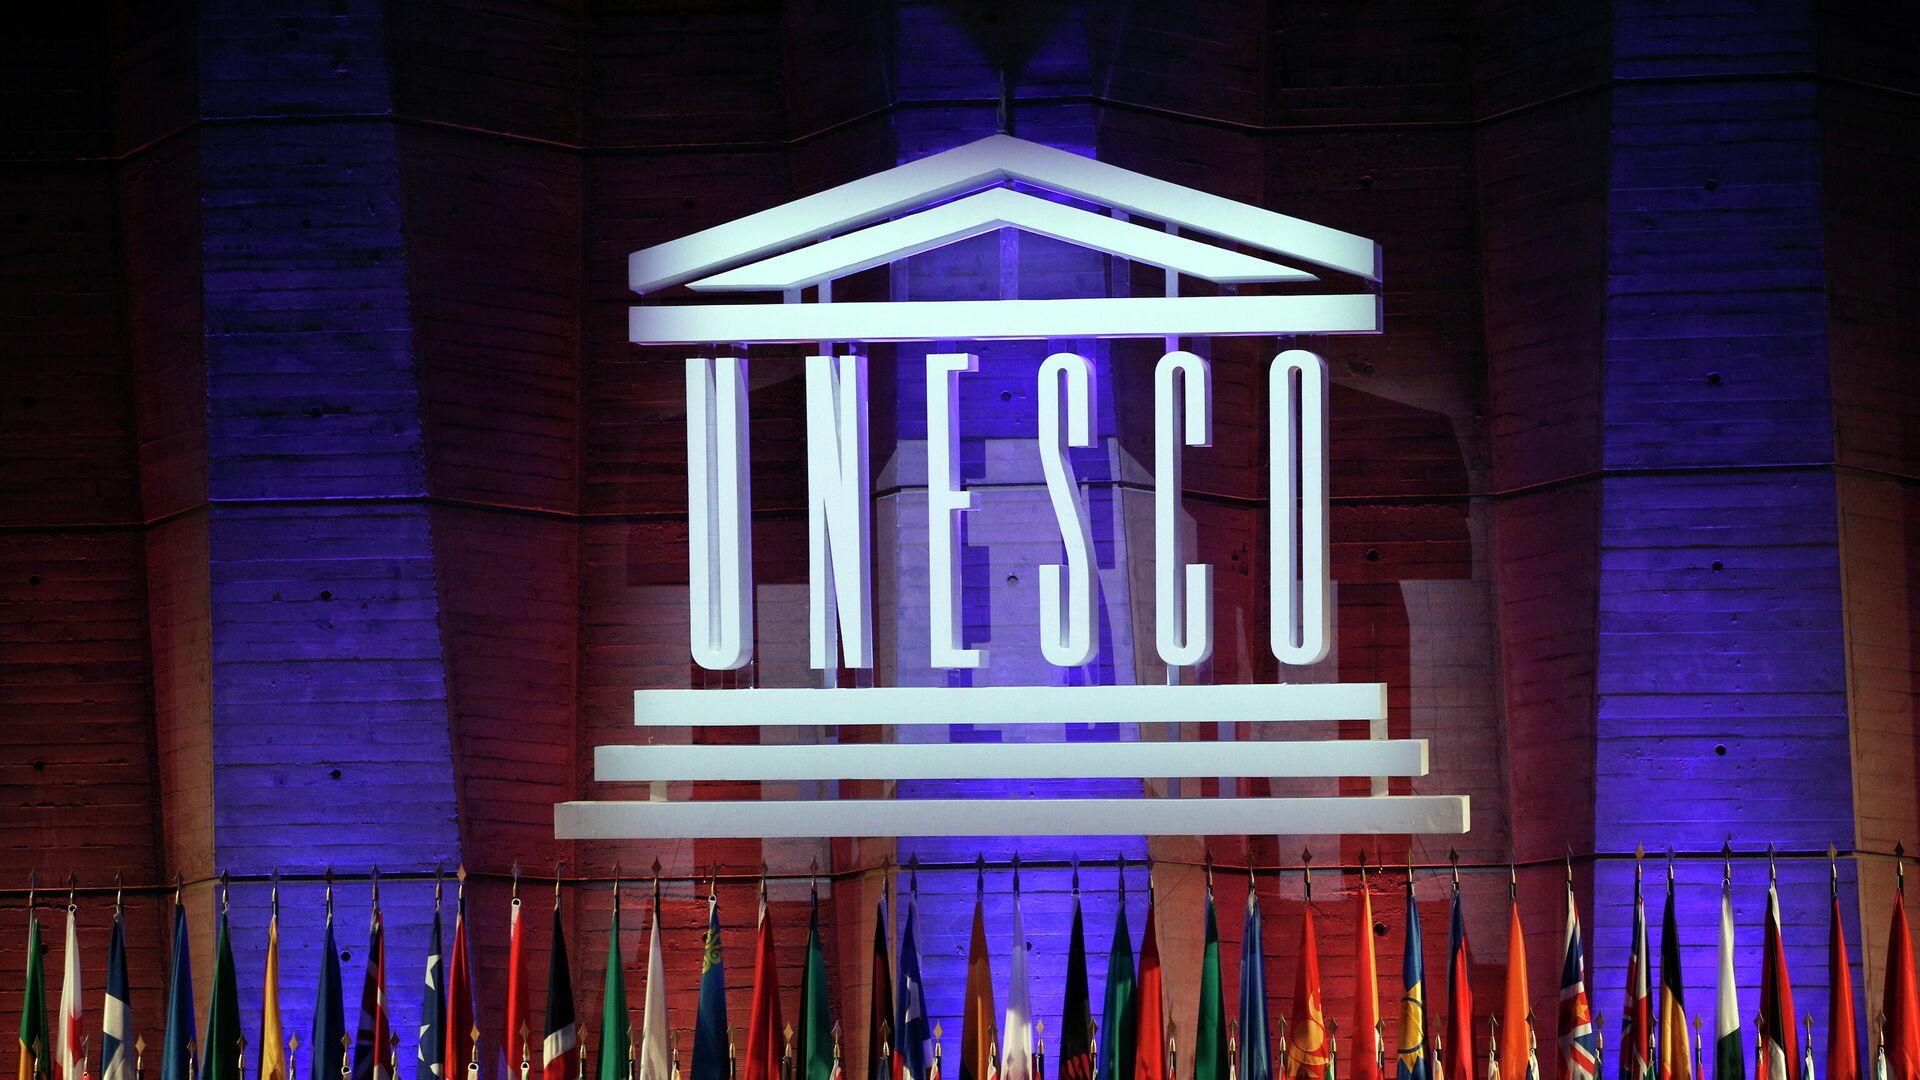 Логотип ЮНЕСКО - РИА Новости, 1920, 29.07.2021